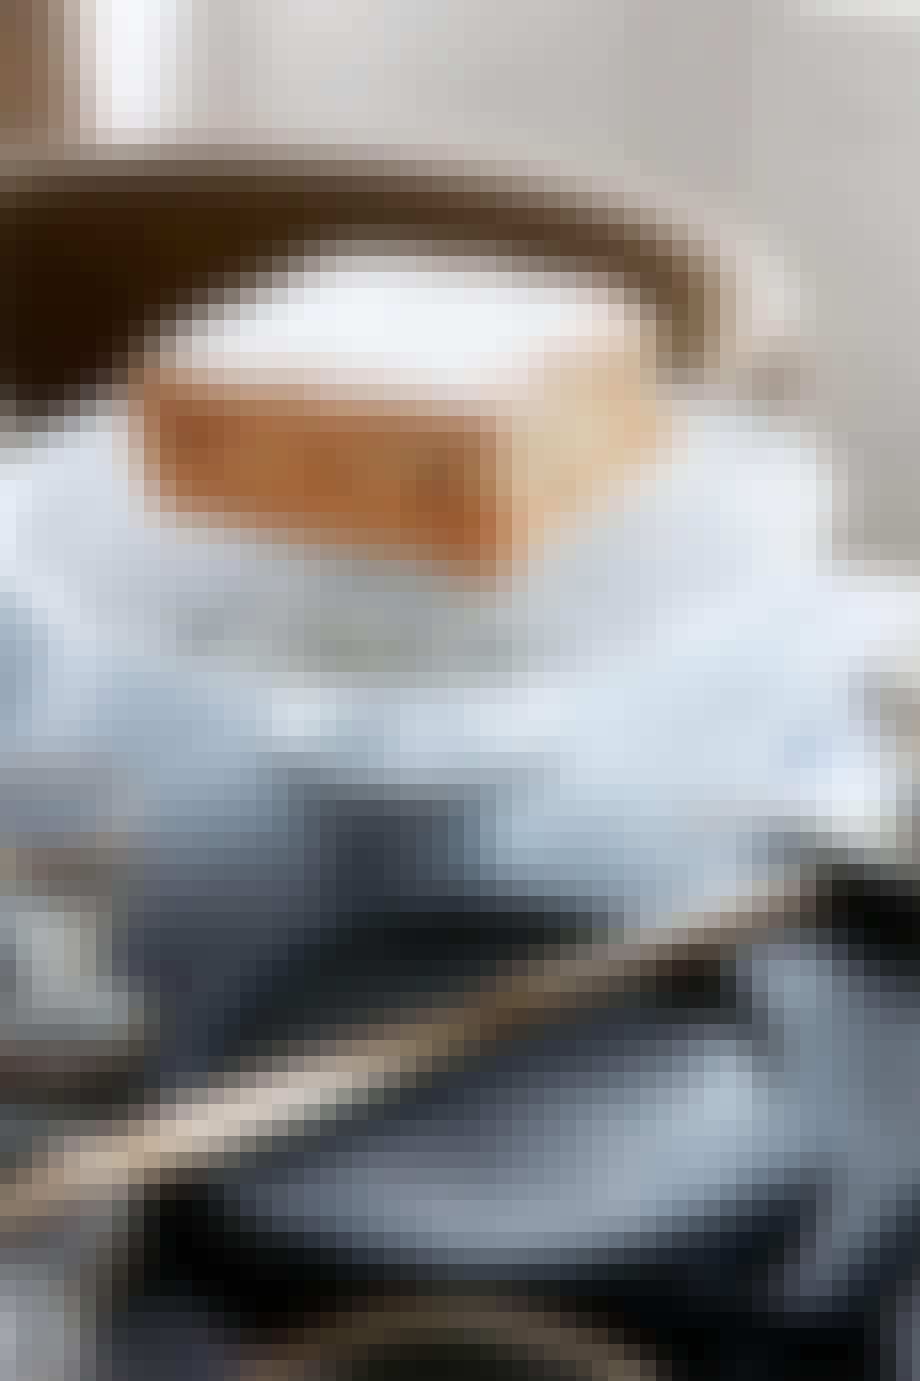 kage på et glasfad med fod og messing bestik på et sort bord